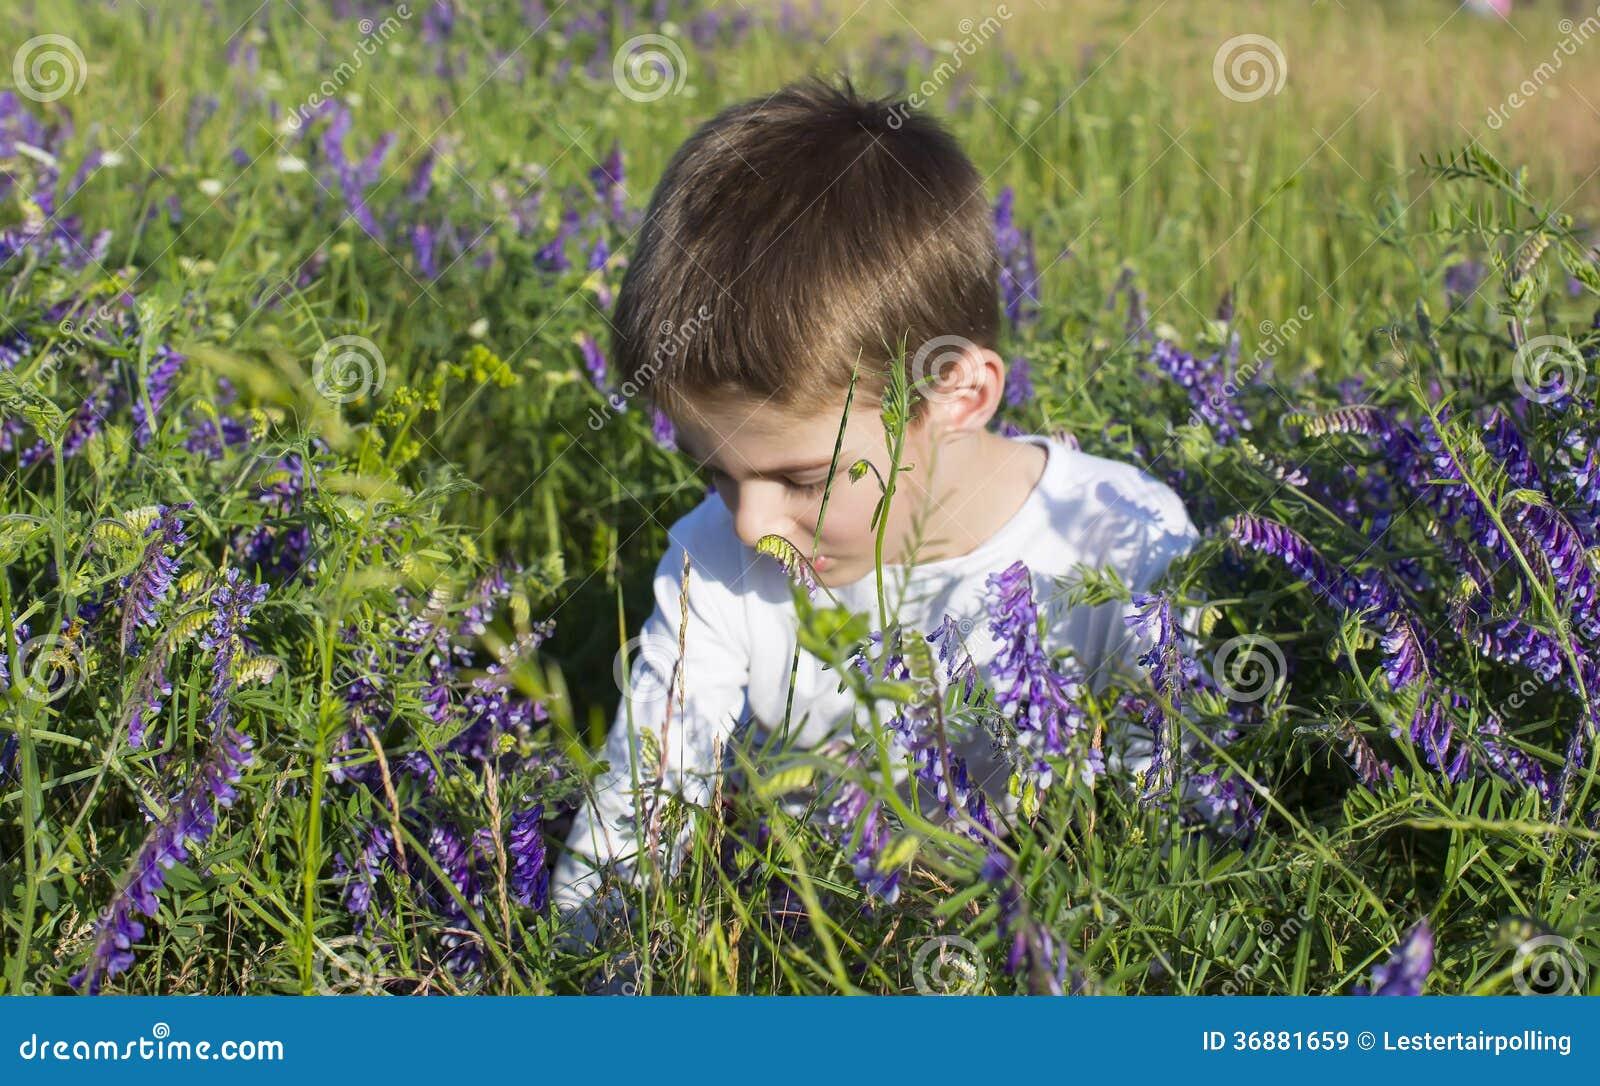 Download Bambini immagine stock. Immagine di sguardo, emozione - 36881659